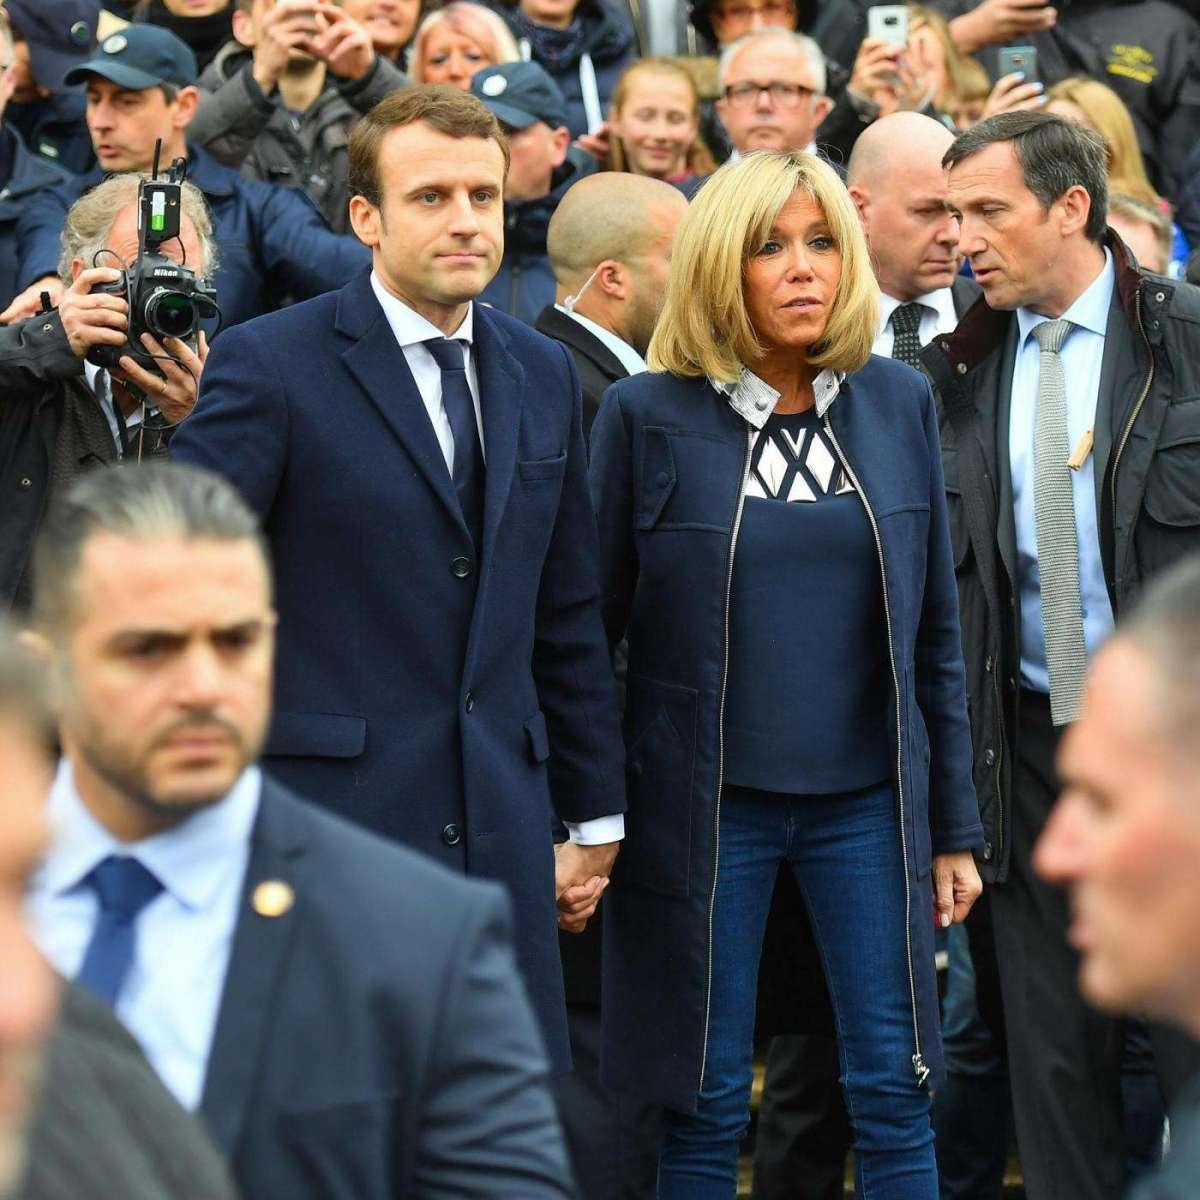 Brigitte Trogneux nel giorno delle elezioni